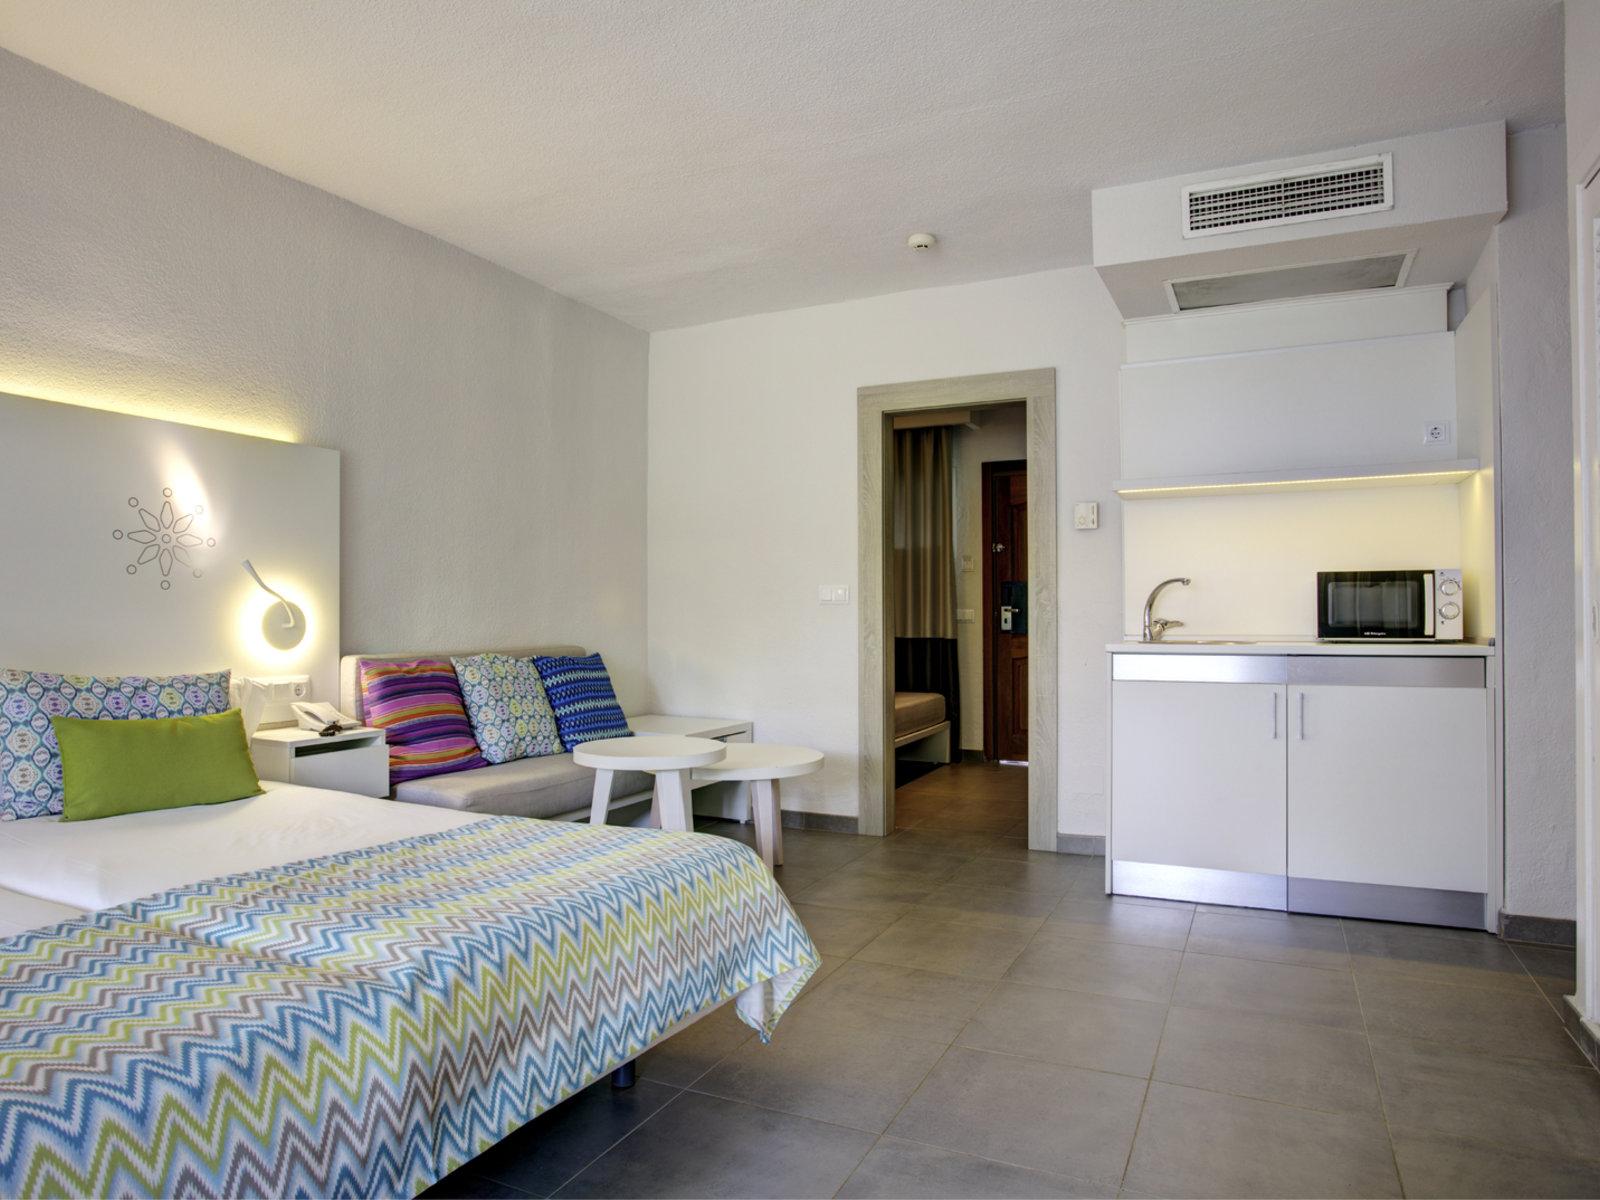 Wohnbeispiel Doppelzimmer Economy